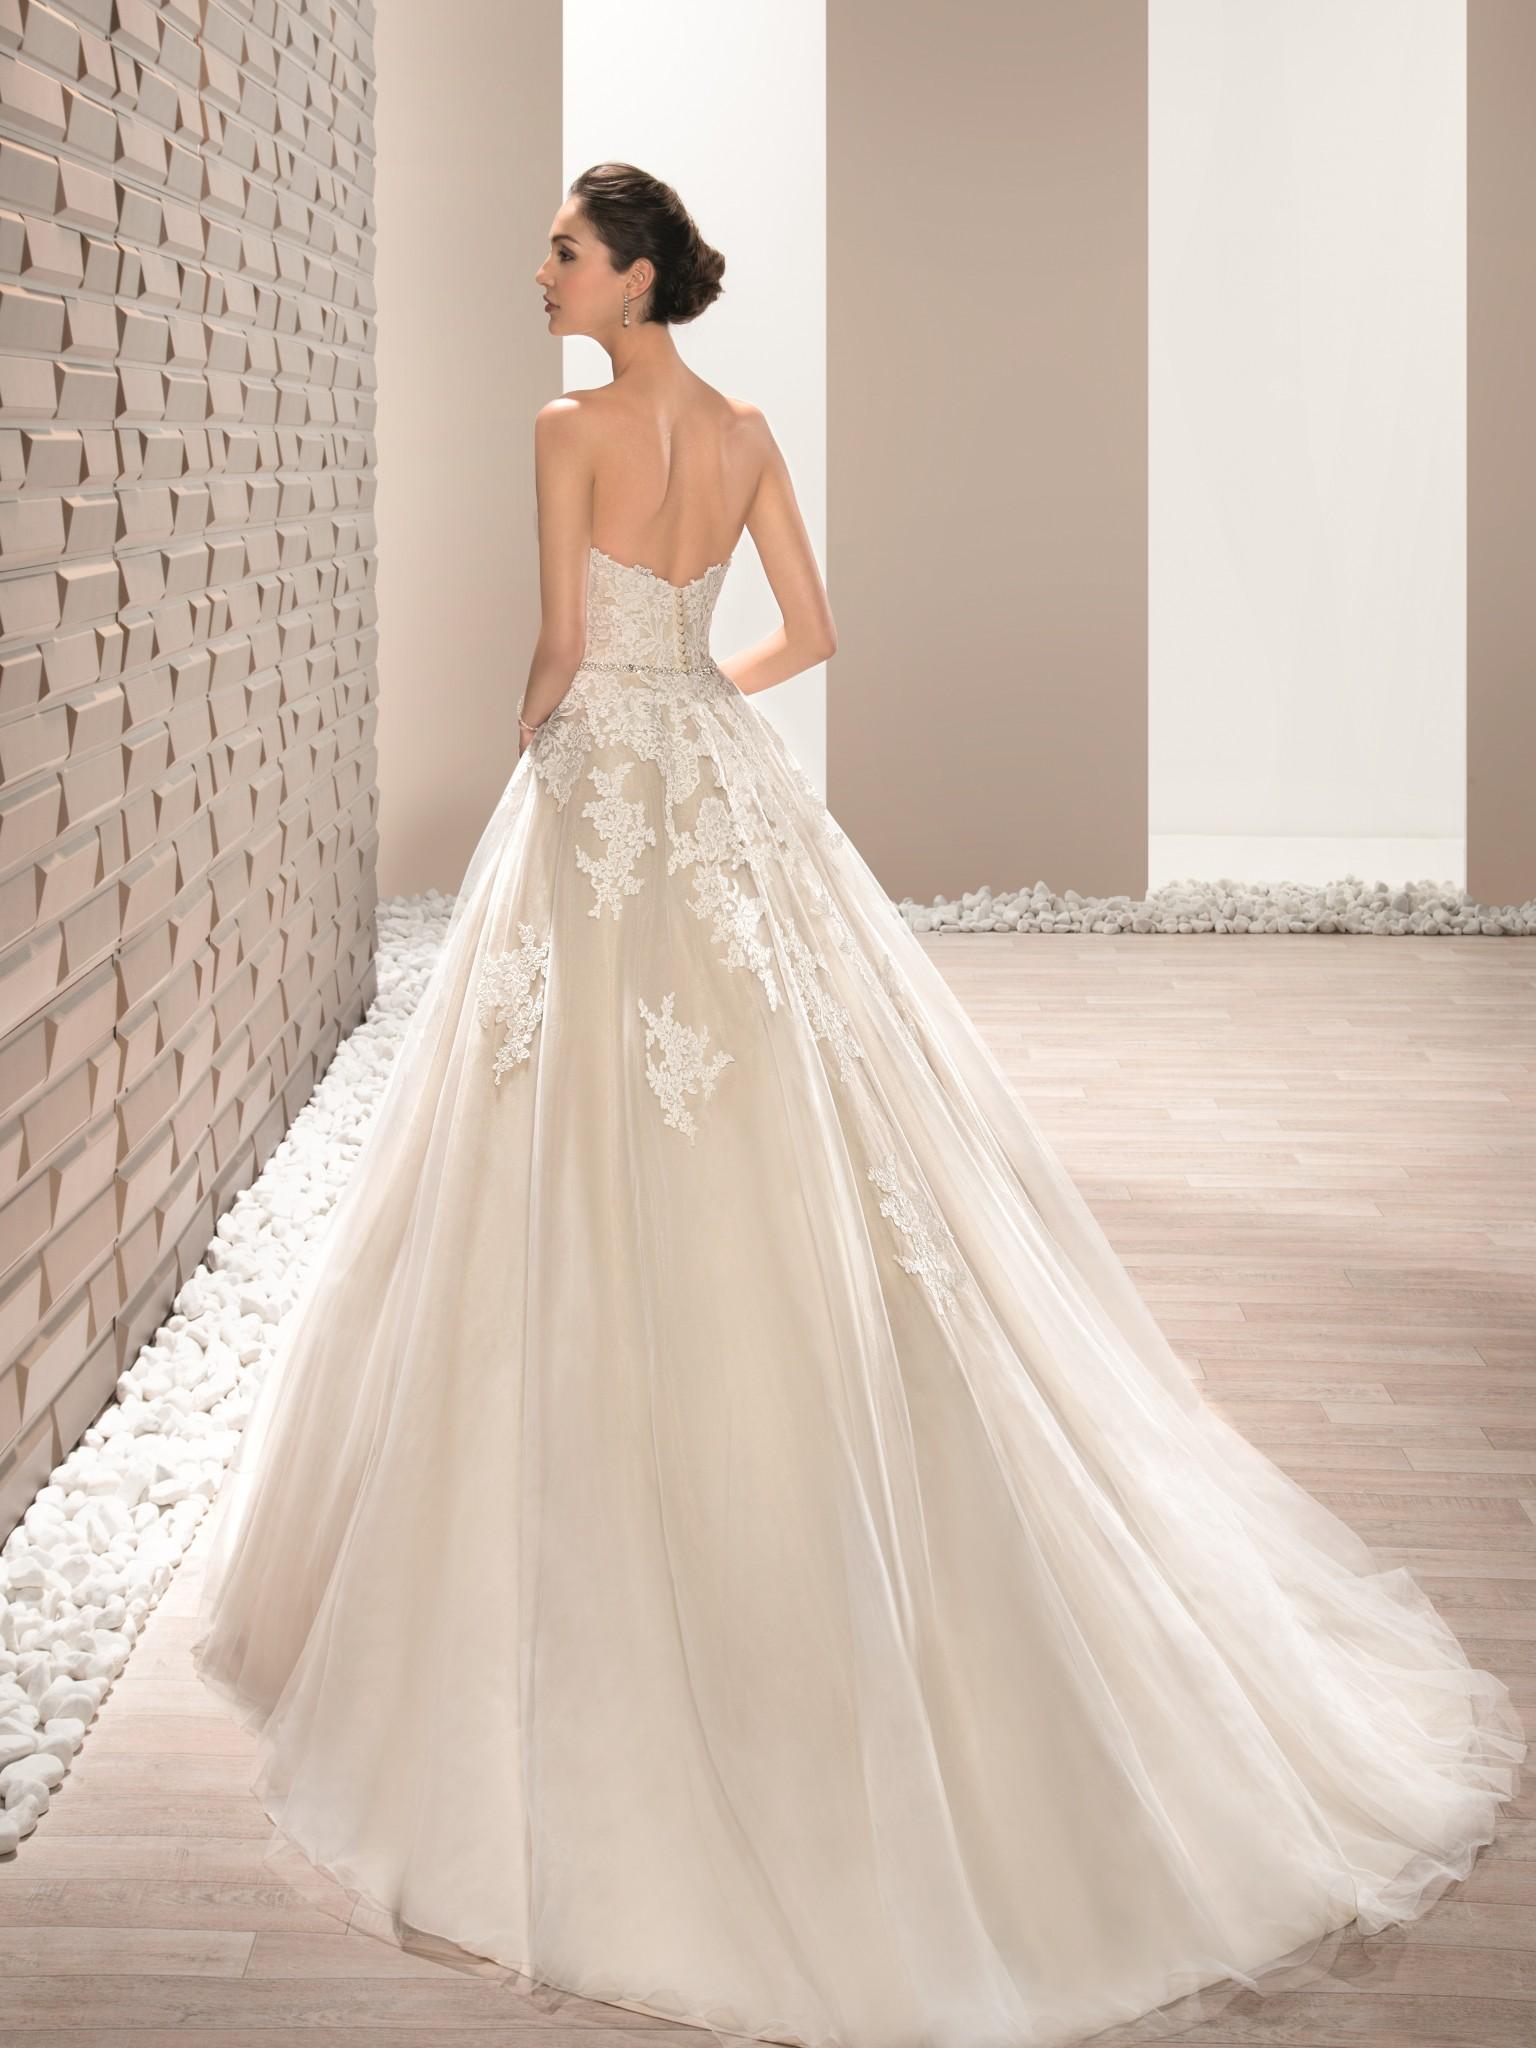 Beste Demetrios Brautkleider Preise Bilder - Hochzeit Kleid Stile ...